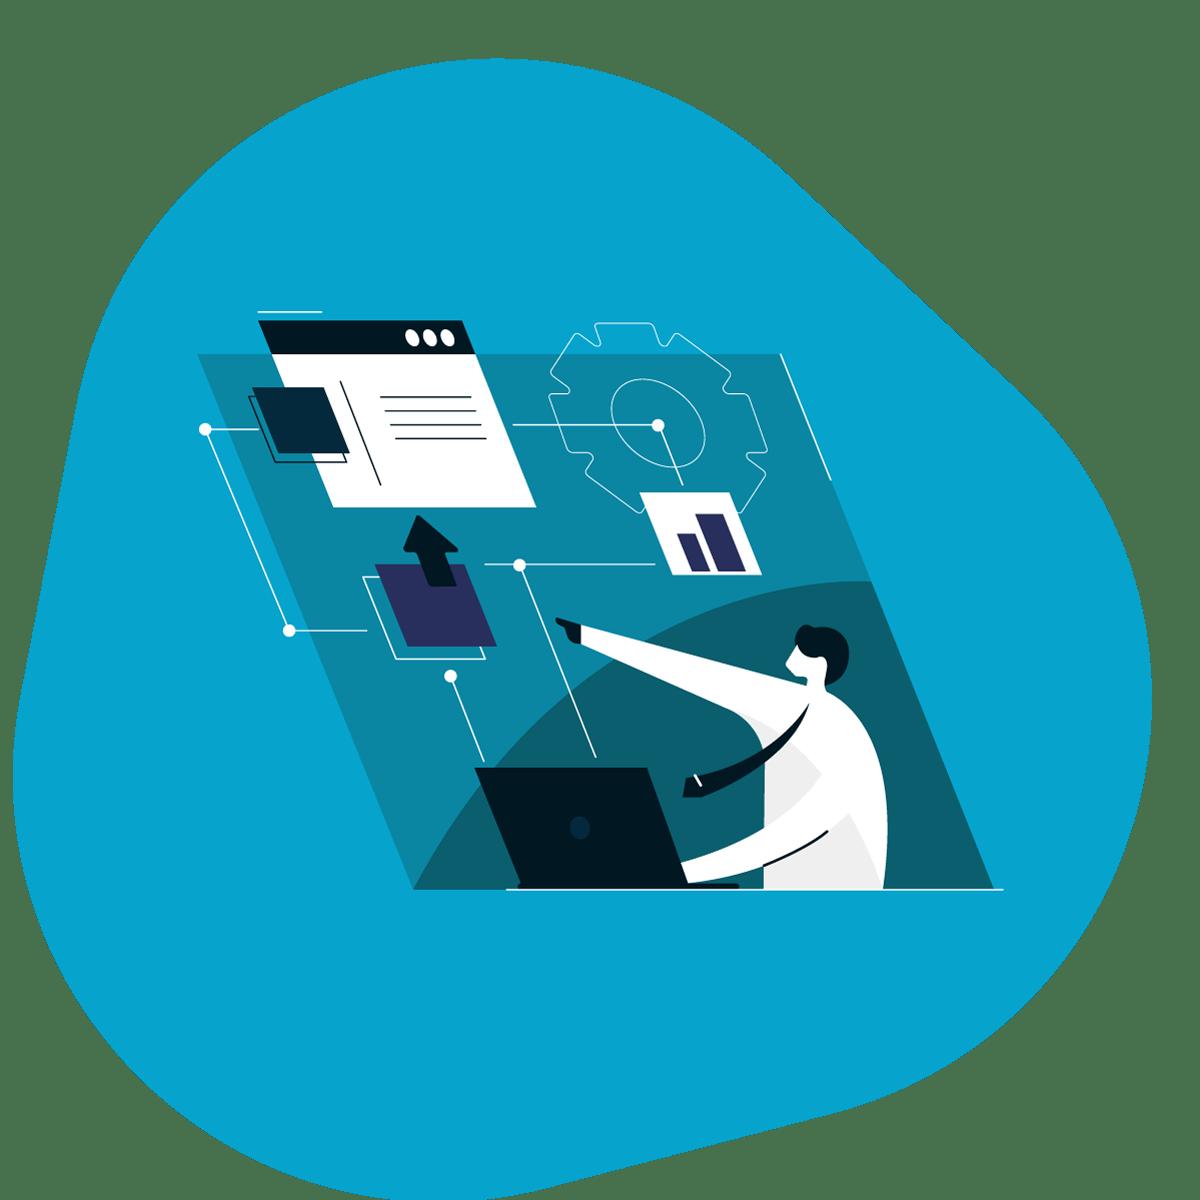 gestione-doc-condivisi